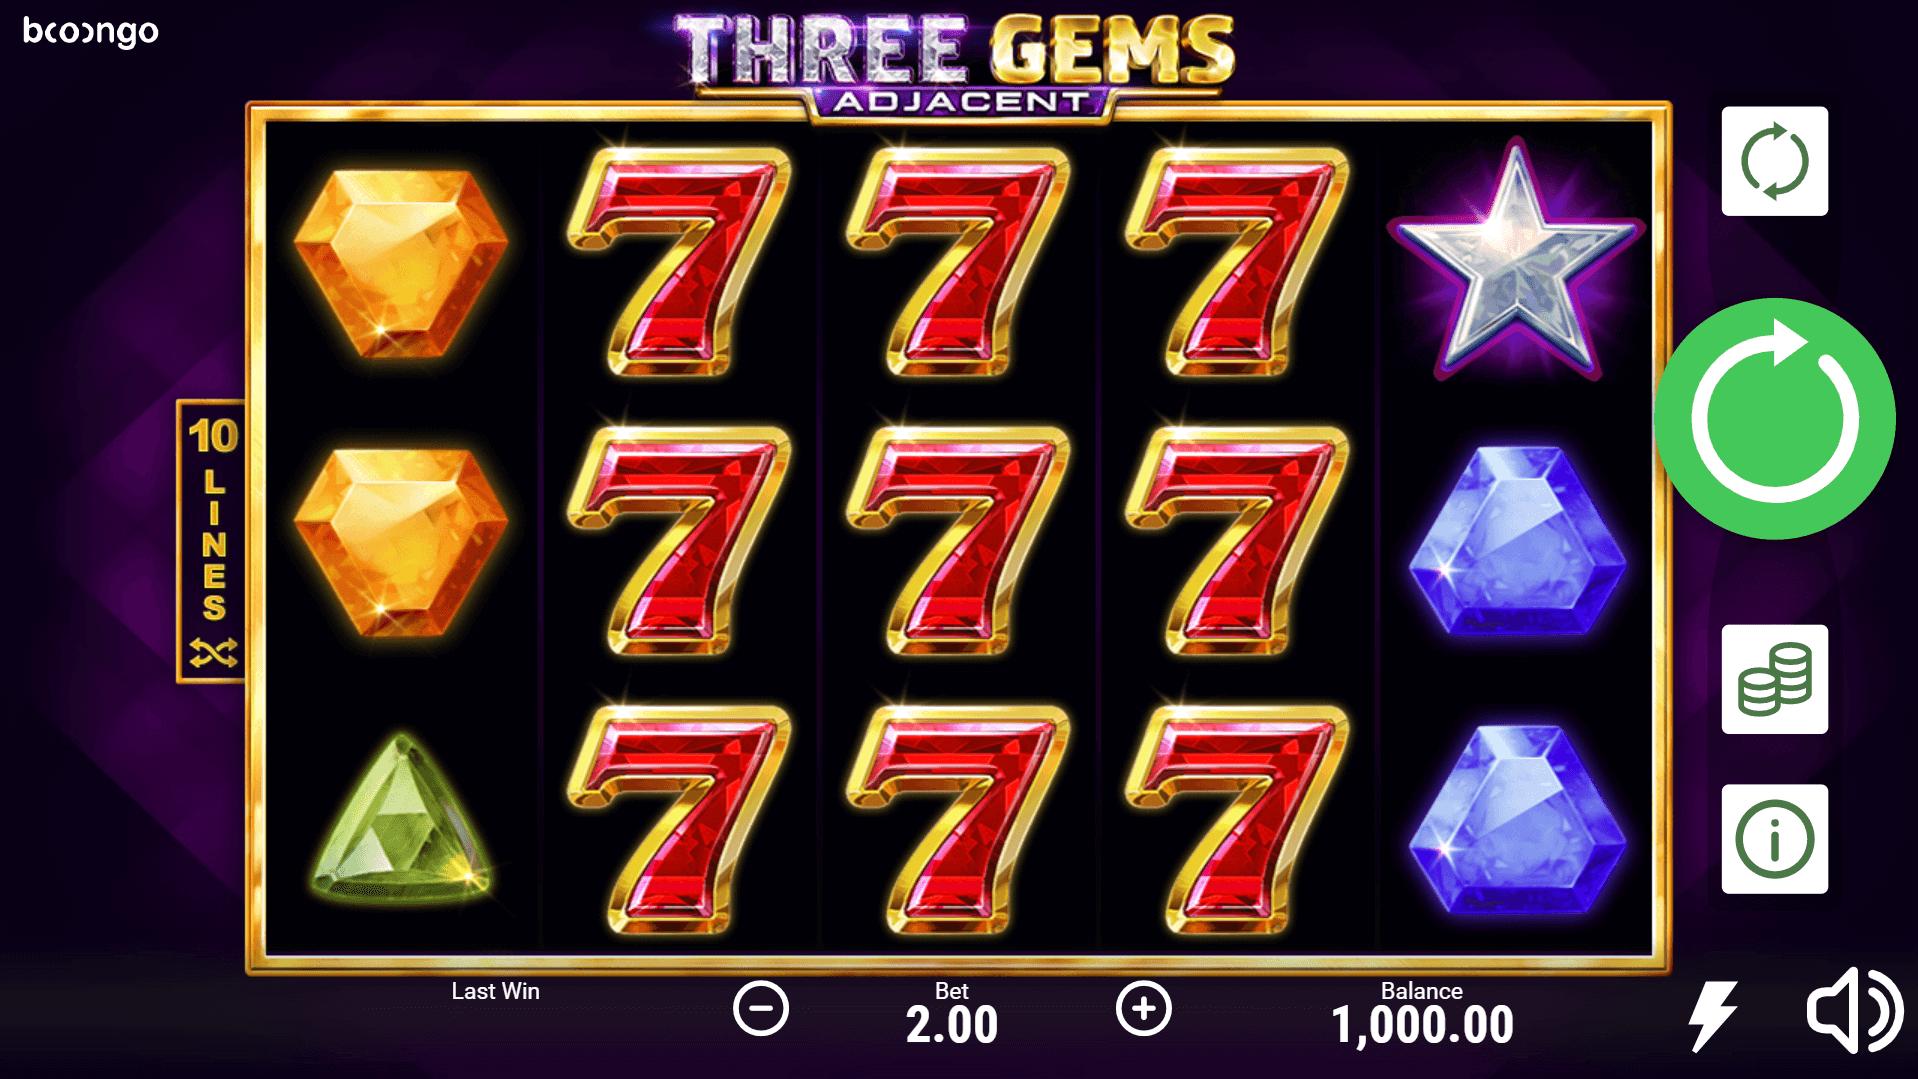 Three Gems slot machine screenshot